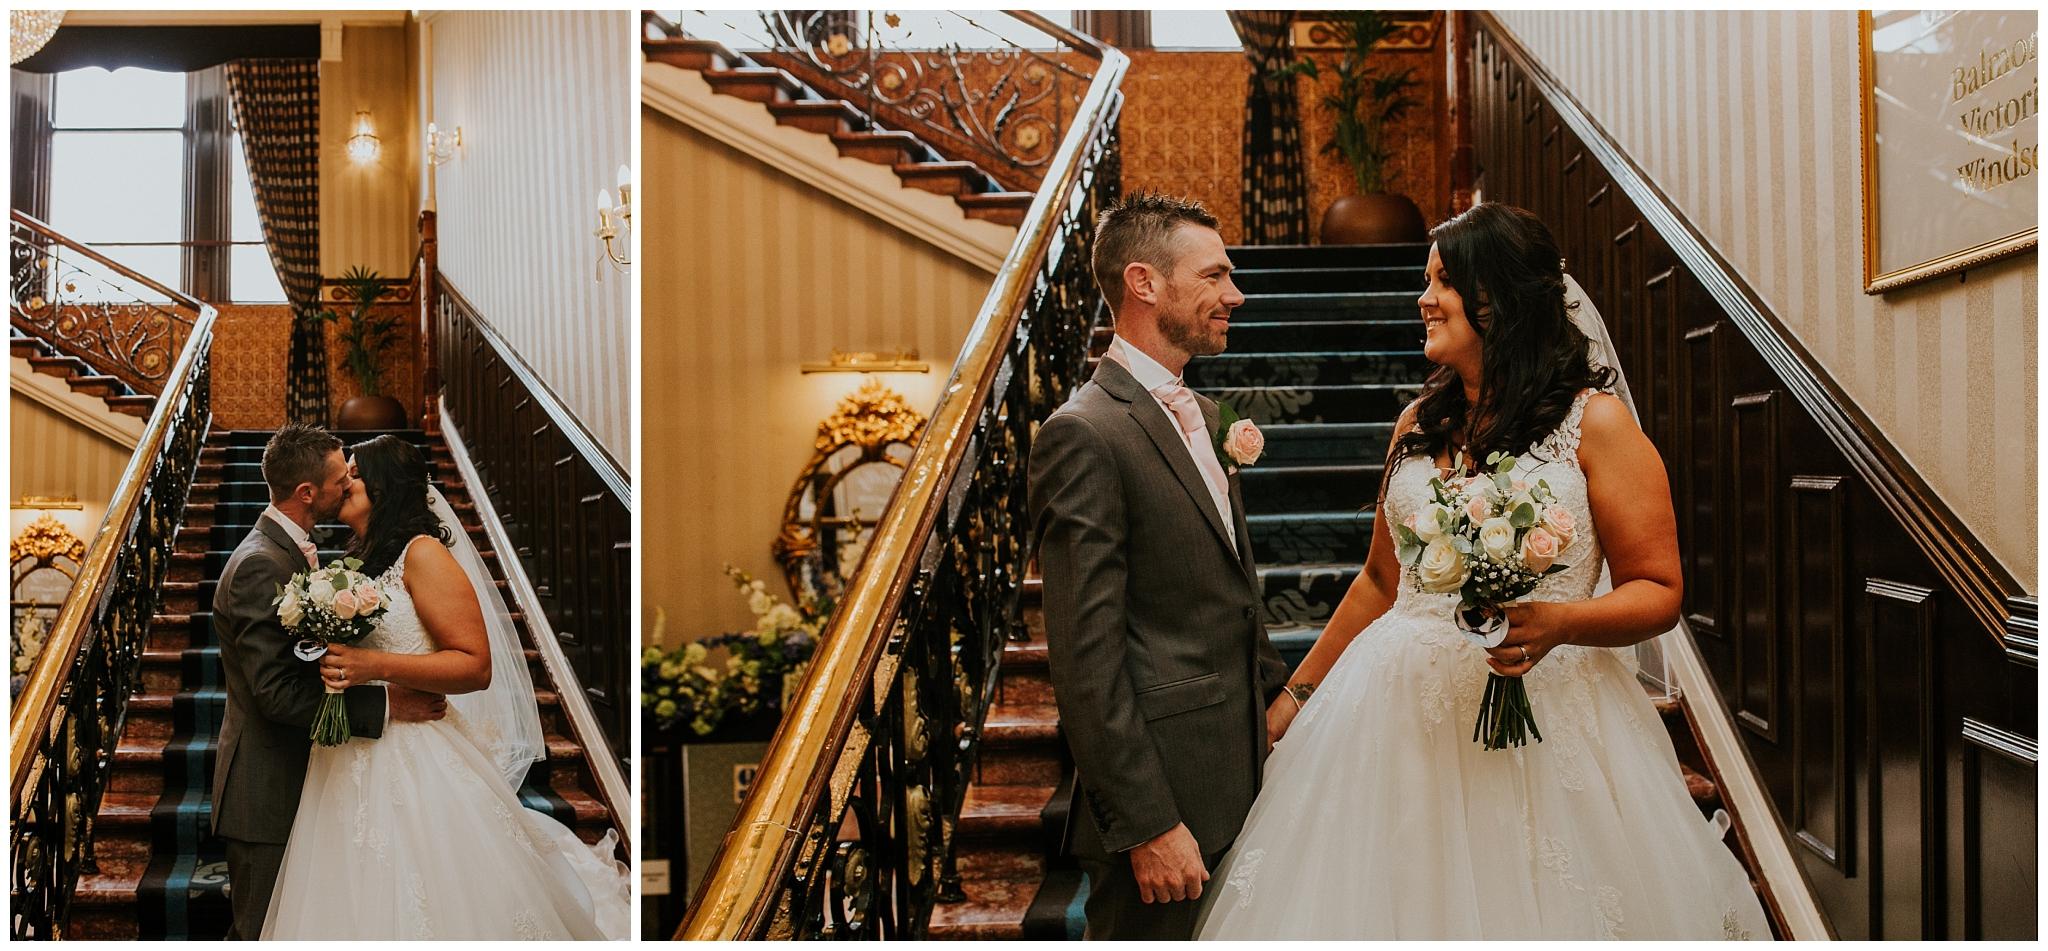 newcastle_upon_tyne_wedding_photographer-31.jpg